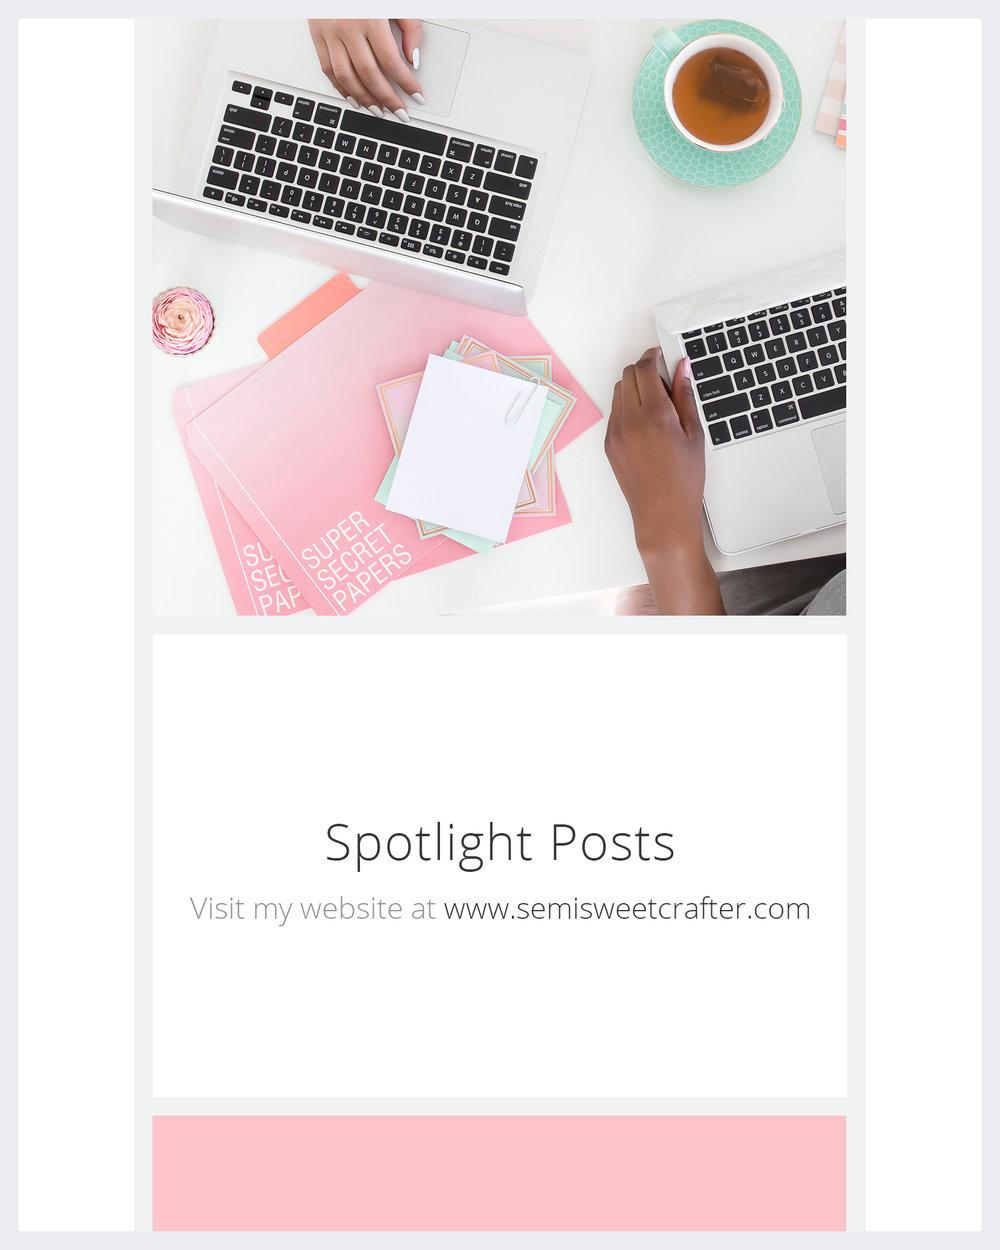 SpotlightPosts.jpg